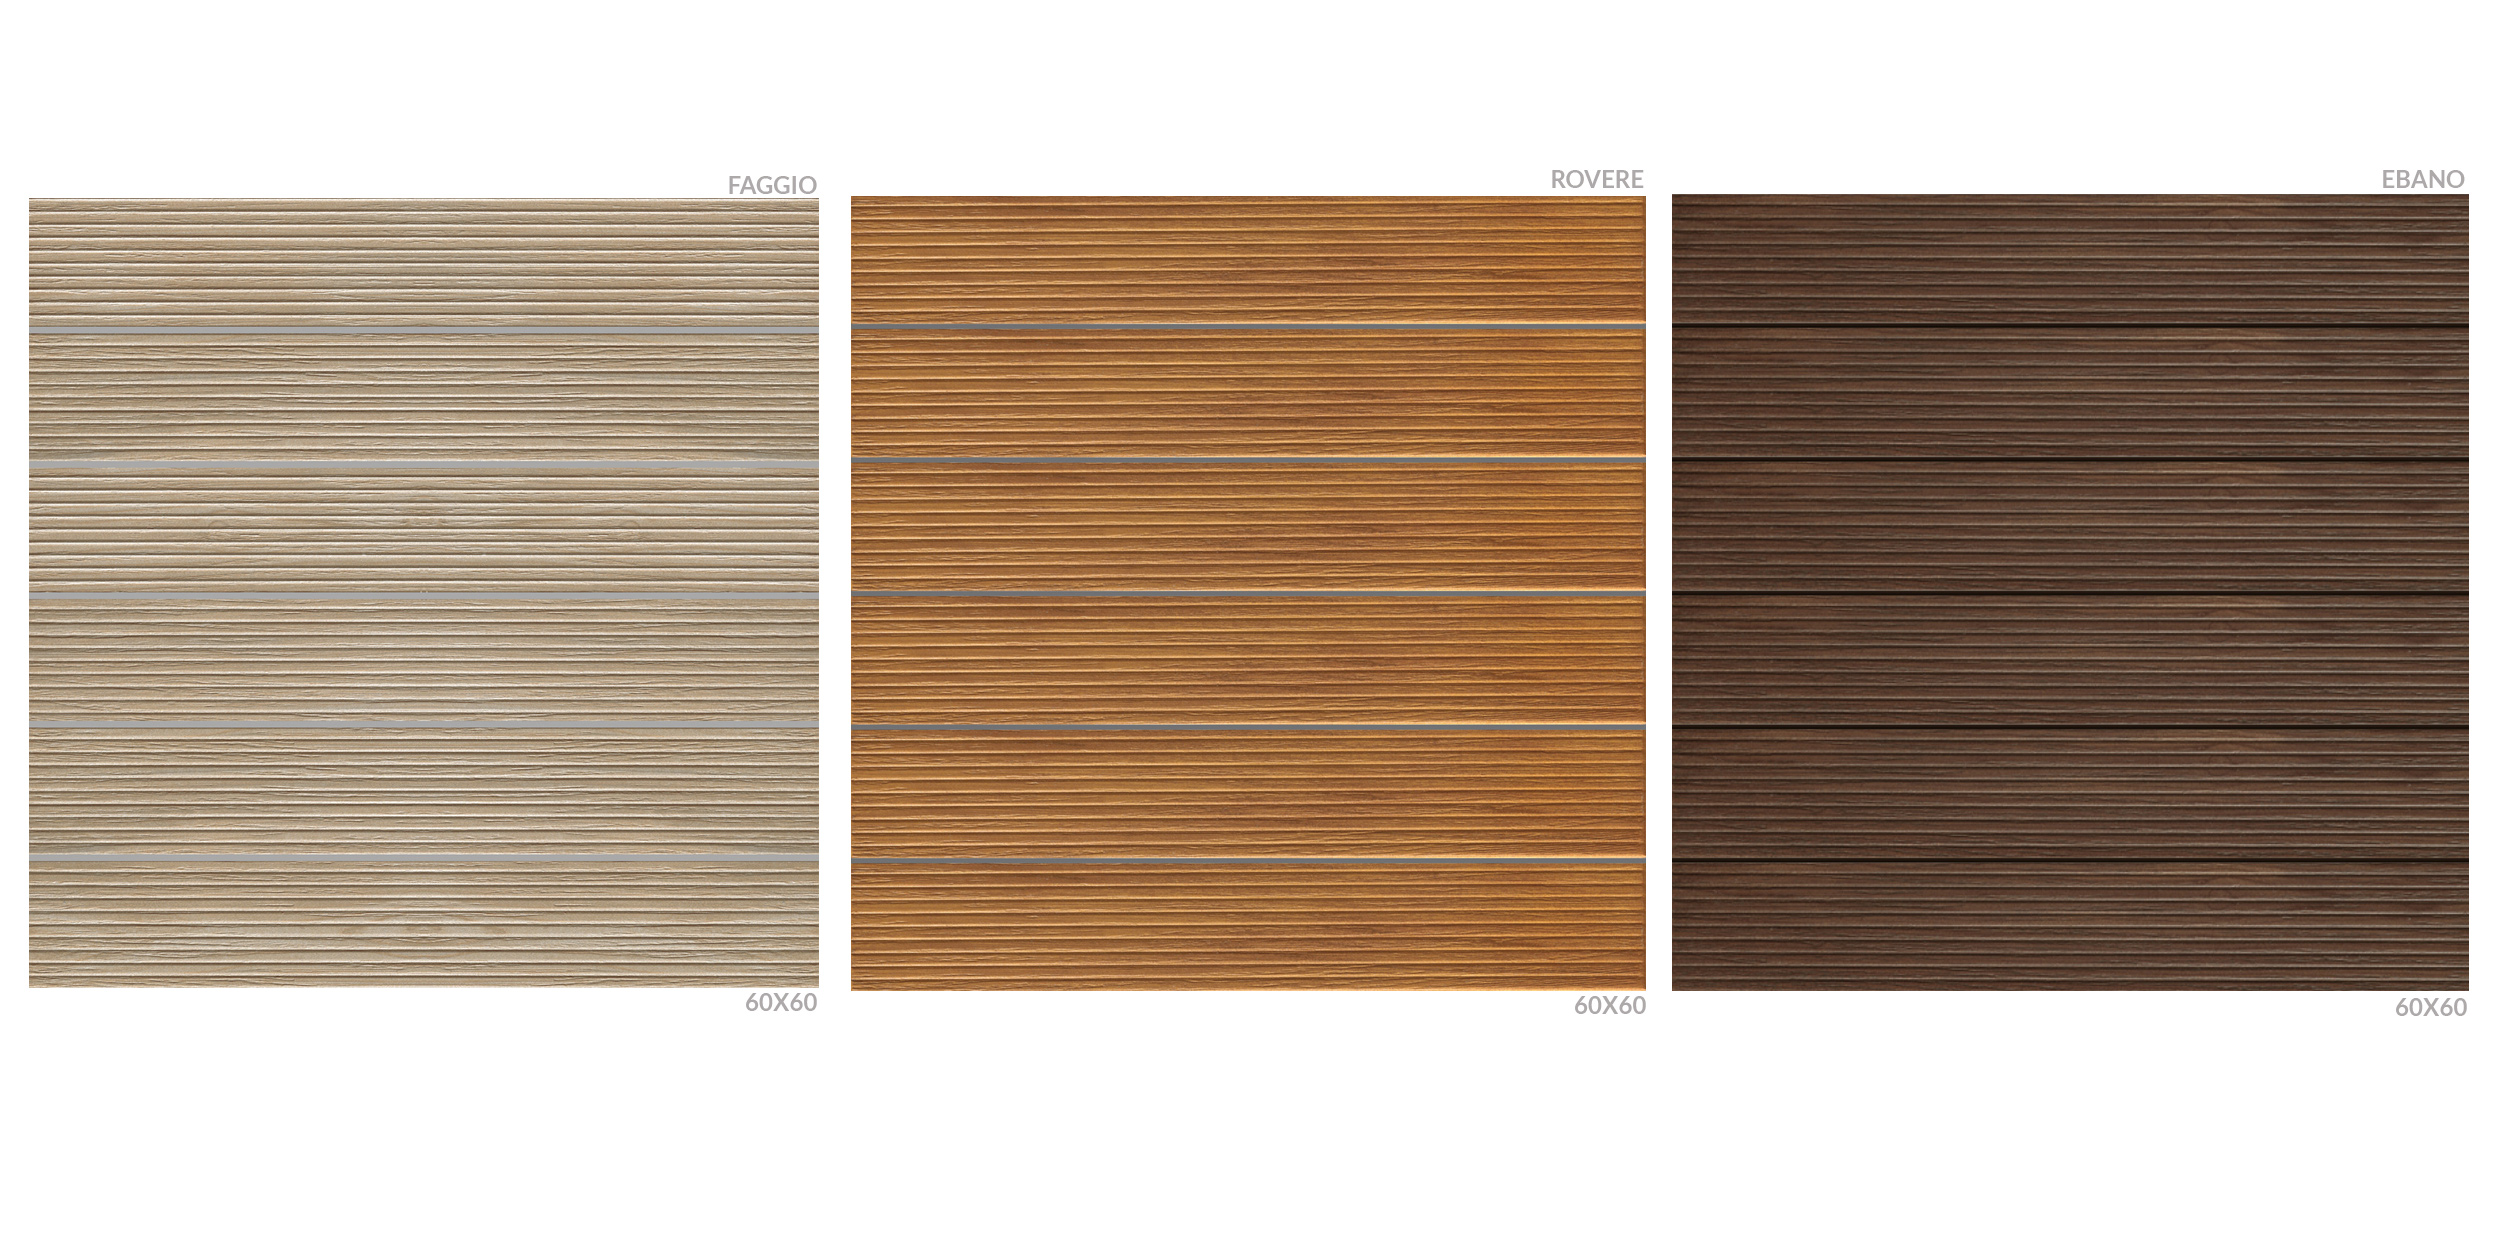 Doghe in legno texture design casa creativa e mobili ispiratori - Doghe in legno per esterni ...